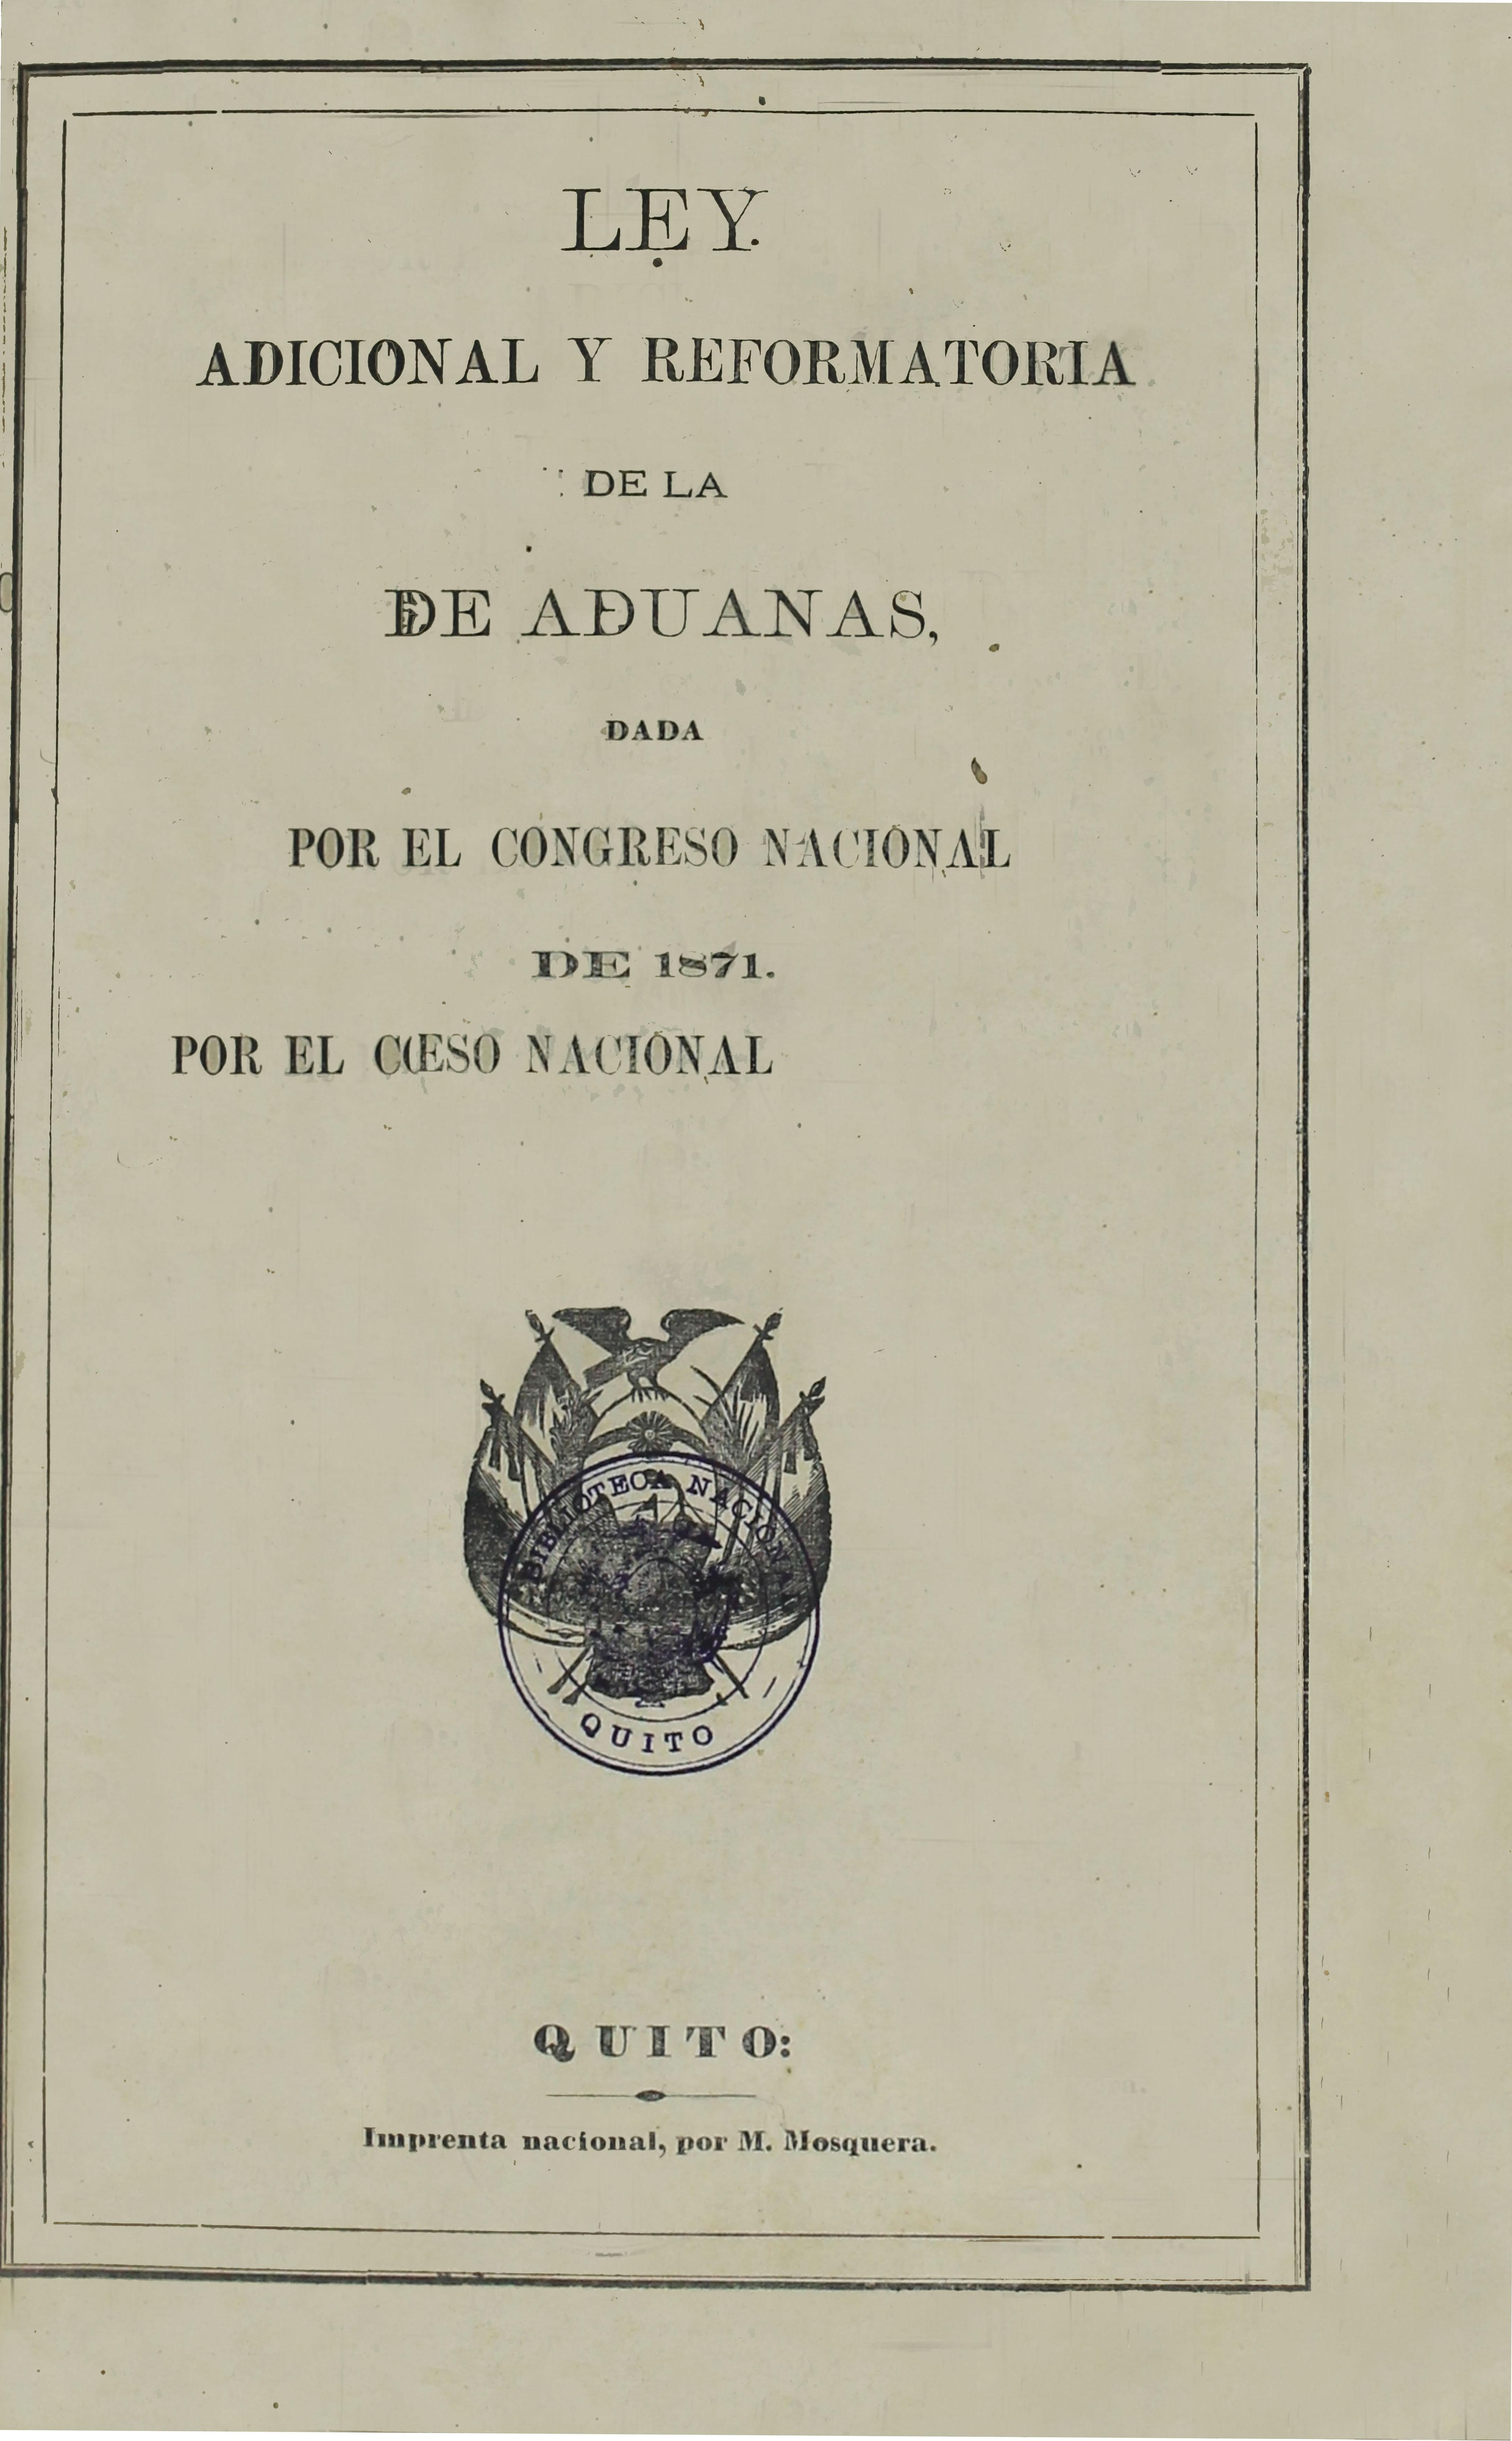 Ley adicional y reformatoria de la de Aduanas, dada por el Congreso Nacional de 1871 (Folleto).